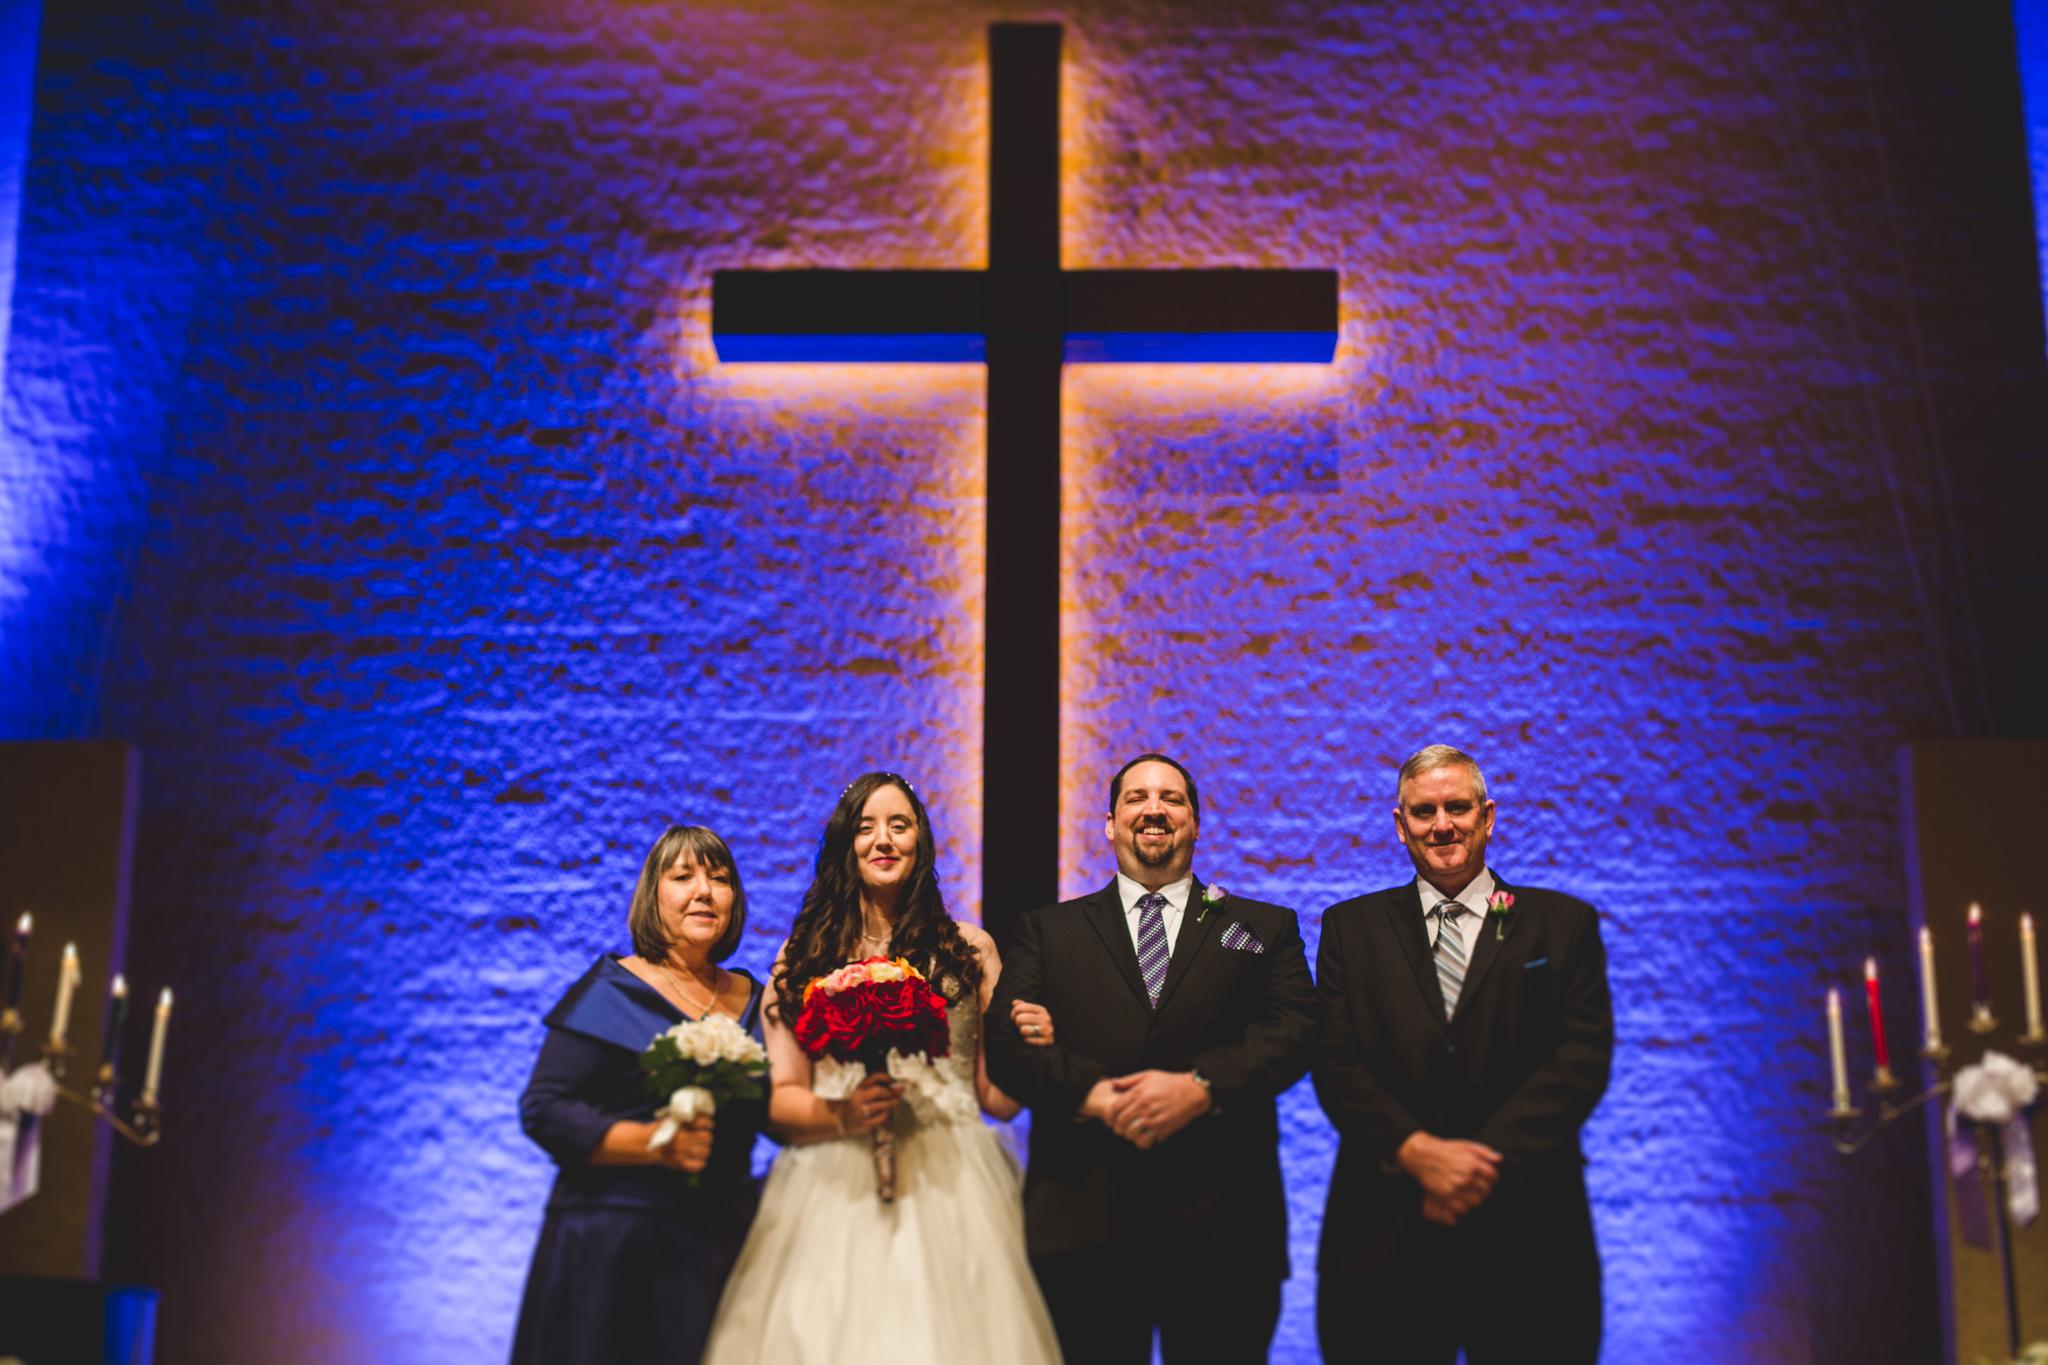 rs wedding formal bride groom parents tilt shift effect